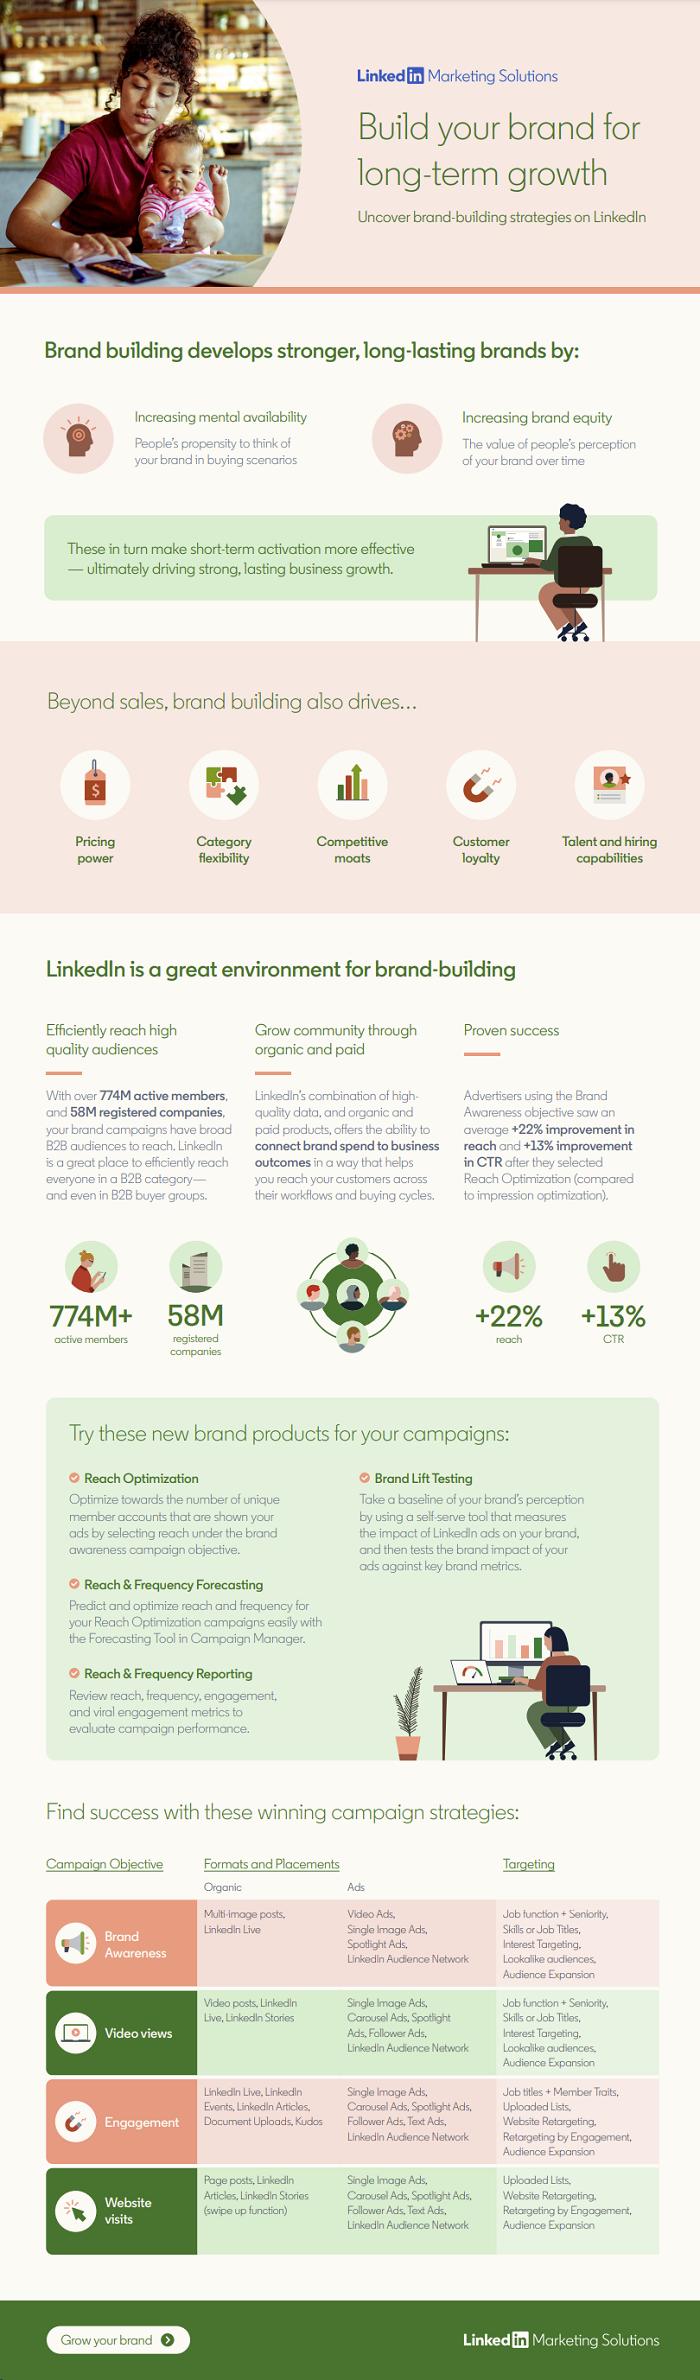 LinkedIn Brand Building tips